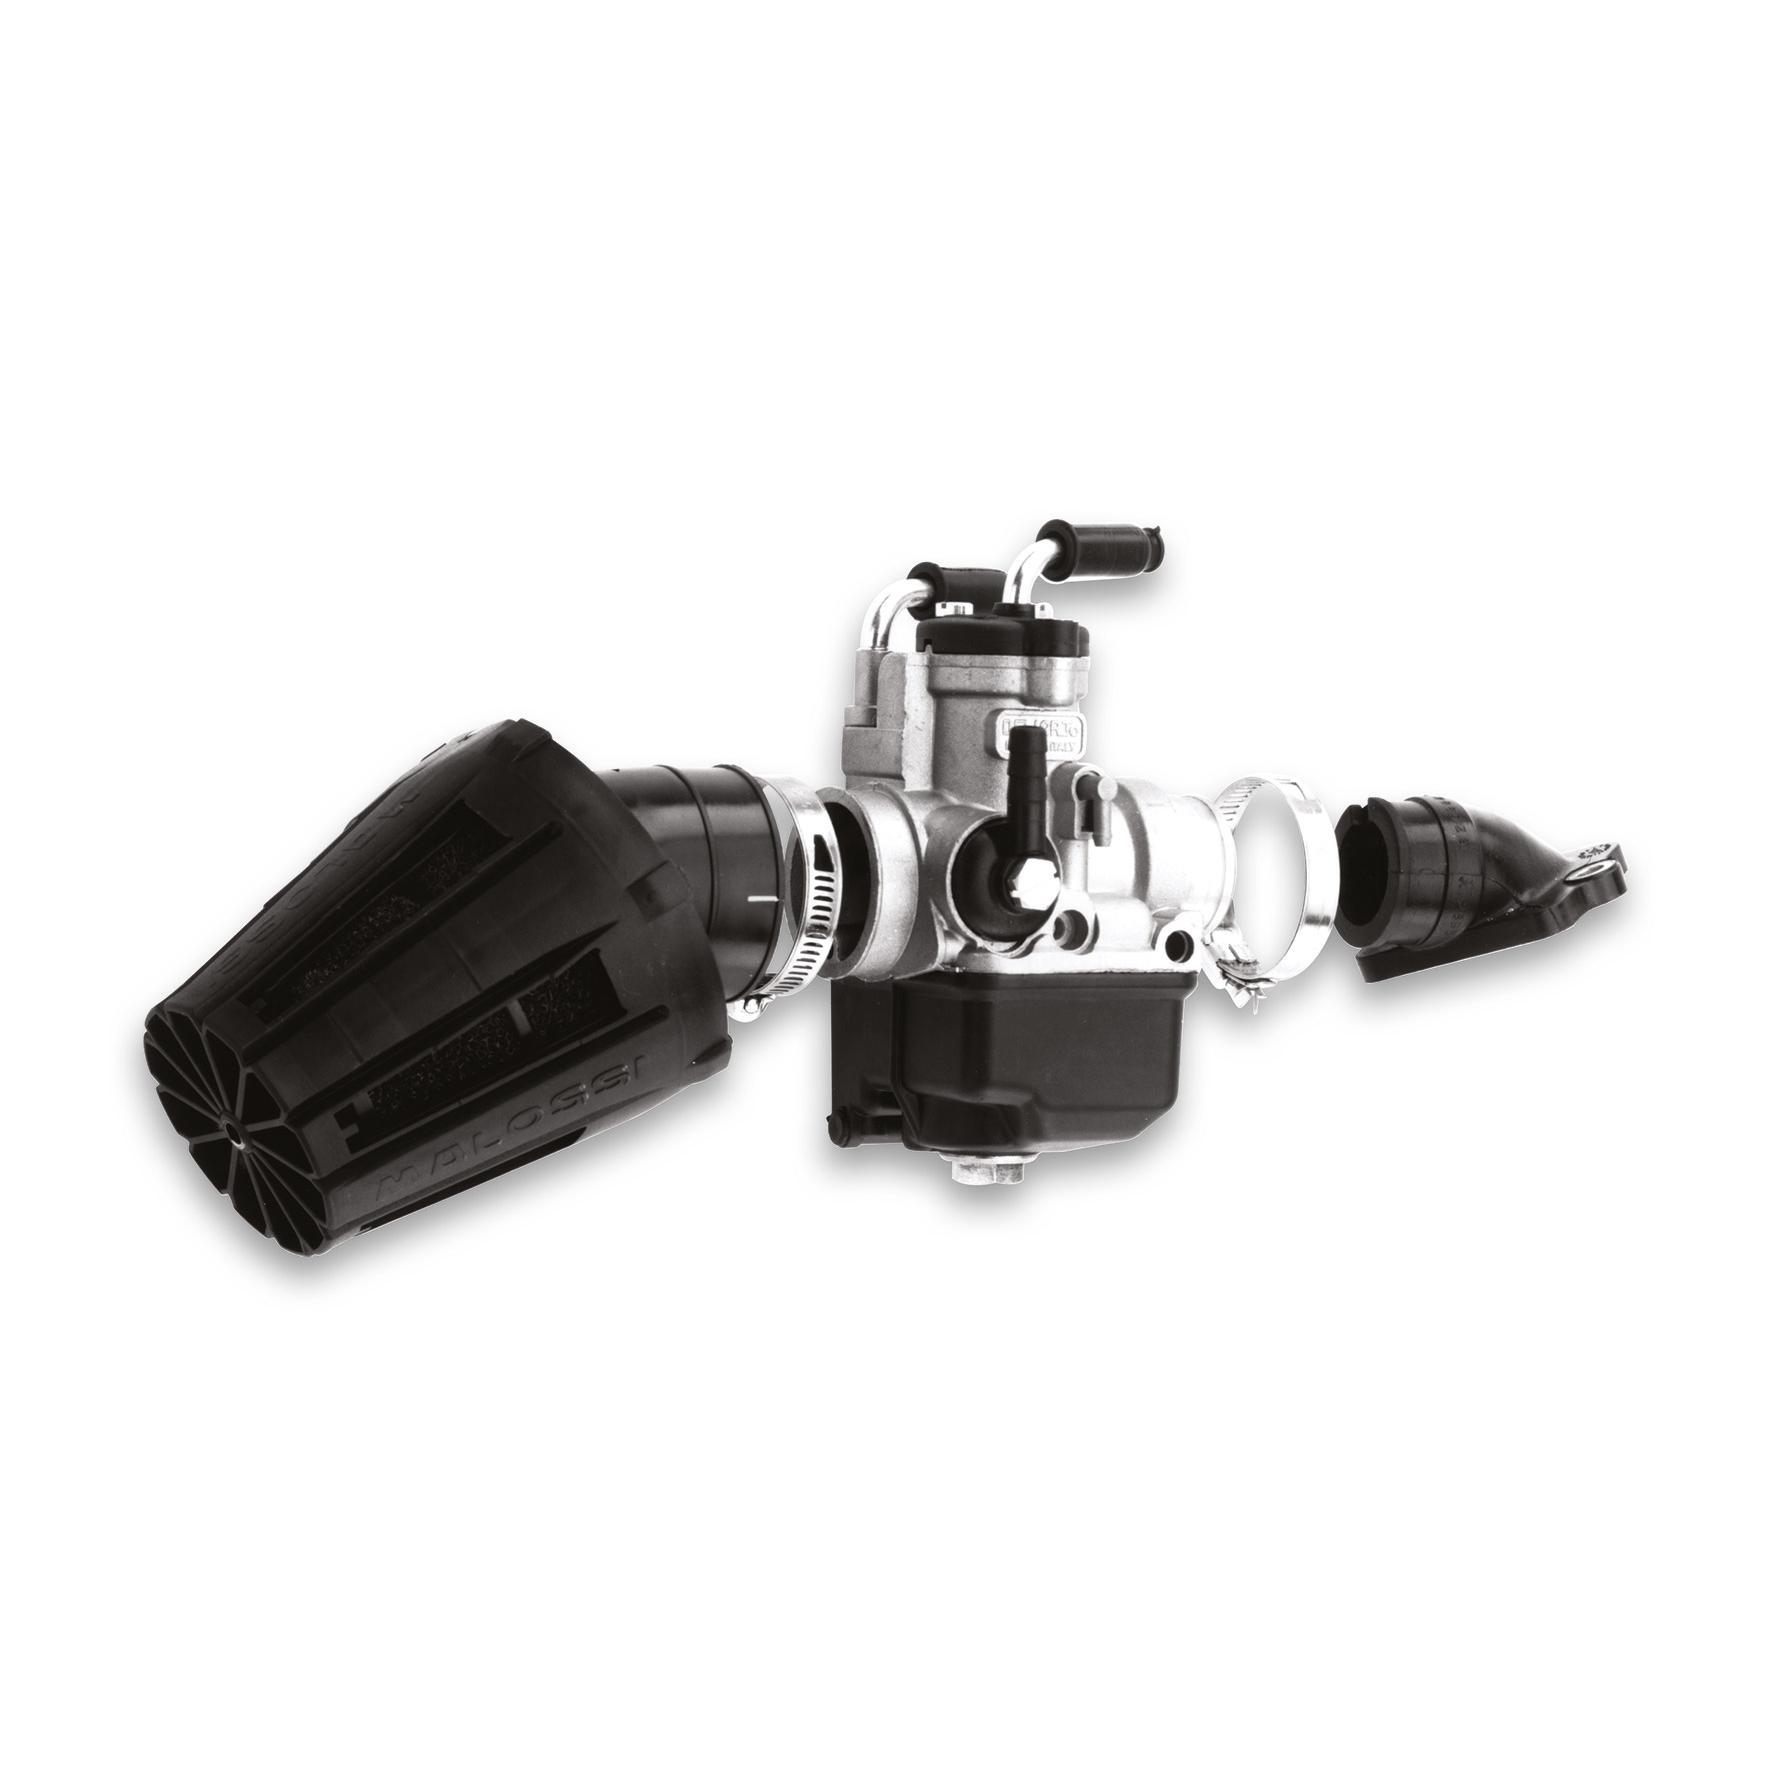 Kit carburateur Malossi PHBL 25 MHR Gilera-Piaggio